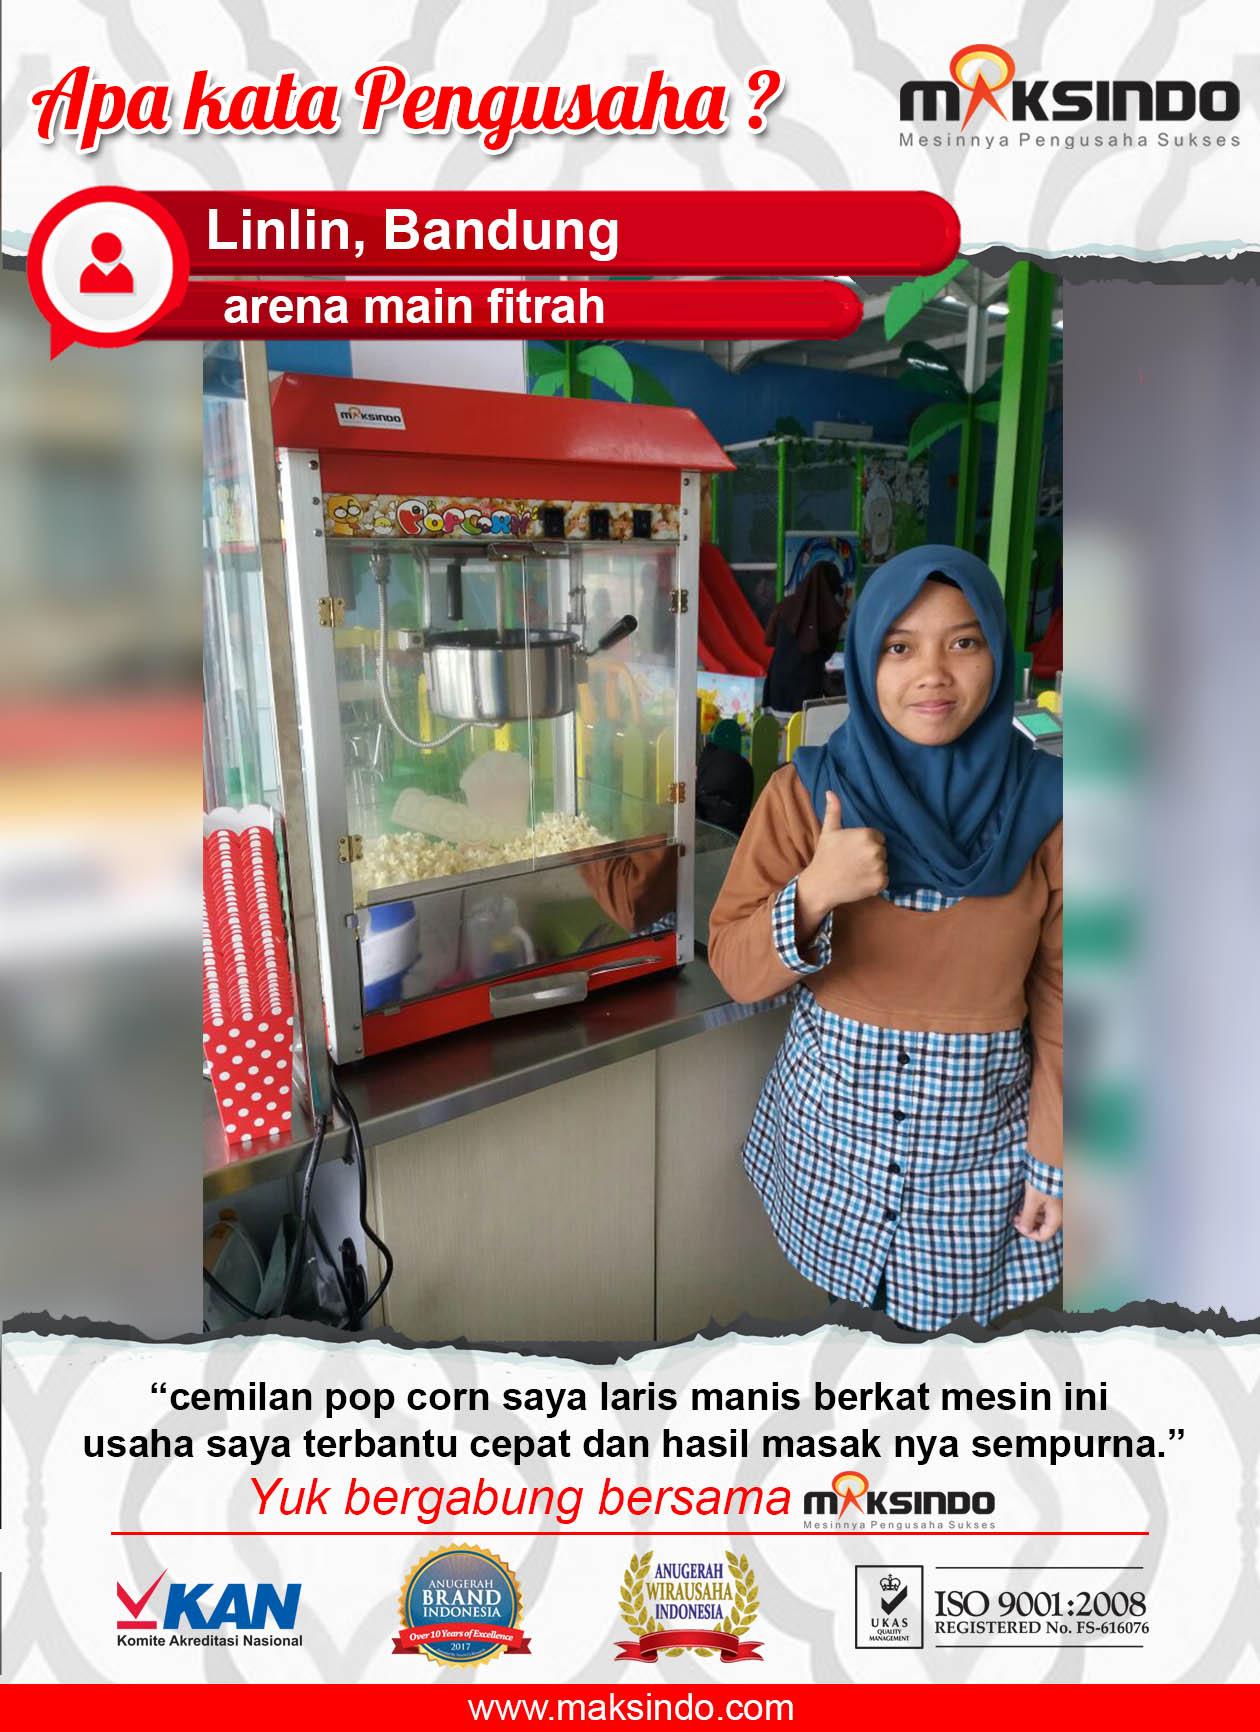 Arena Main Fitrah : Pop Corn Menjadi Laris Manis